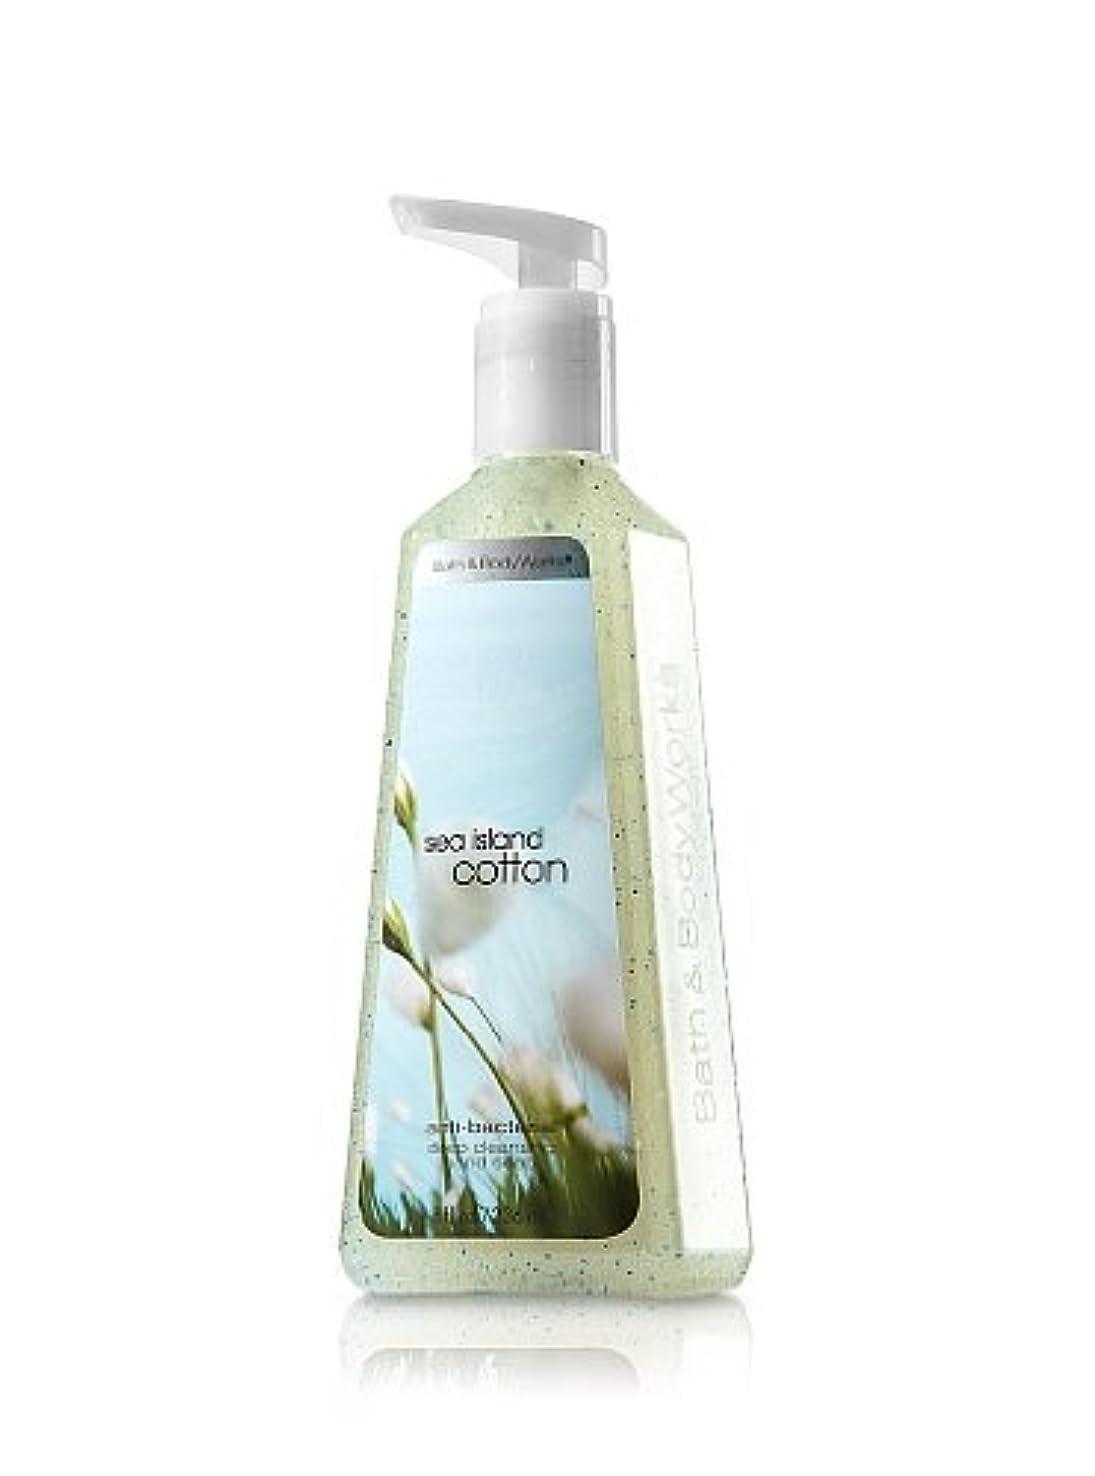 装置食品偉業バス&ボディワークス シーアイランドコットン ディープクレンジングハンドソープ Sea Island Cotton Deep Cleansing Hand Soap [並行輸入品]